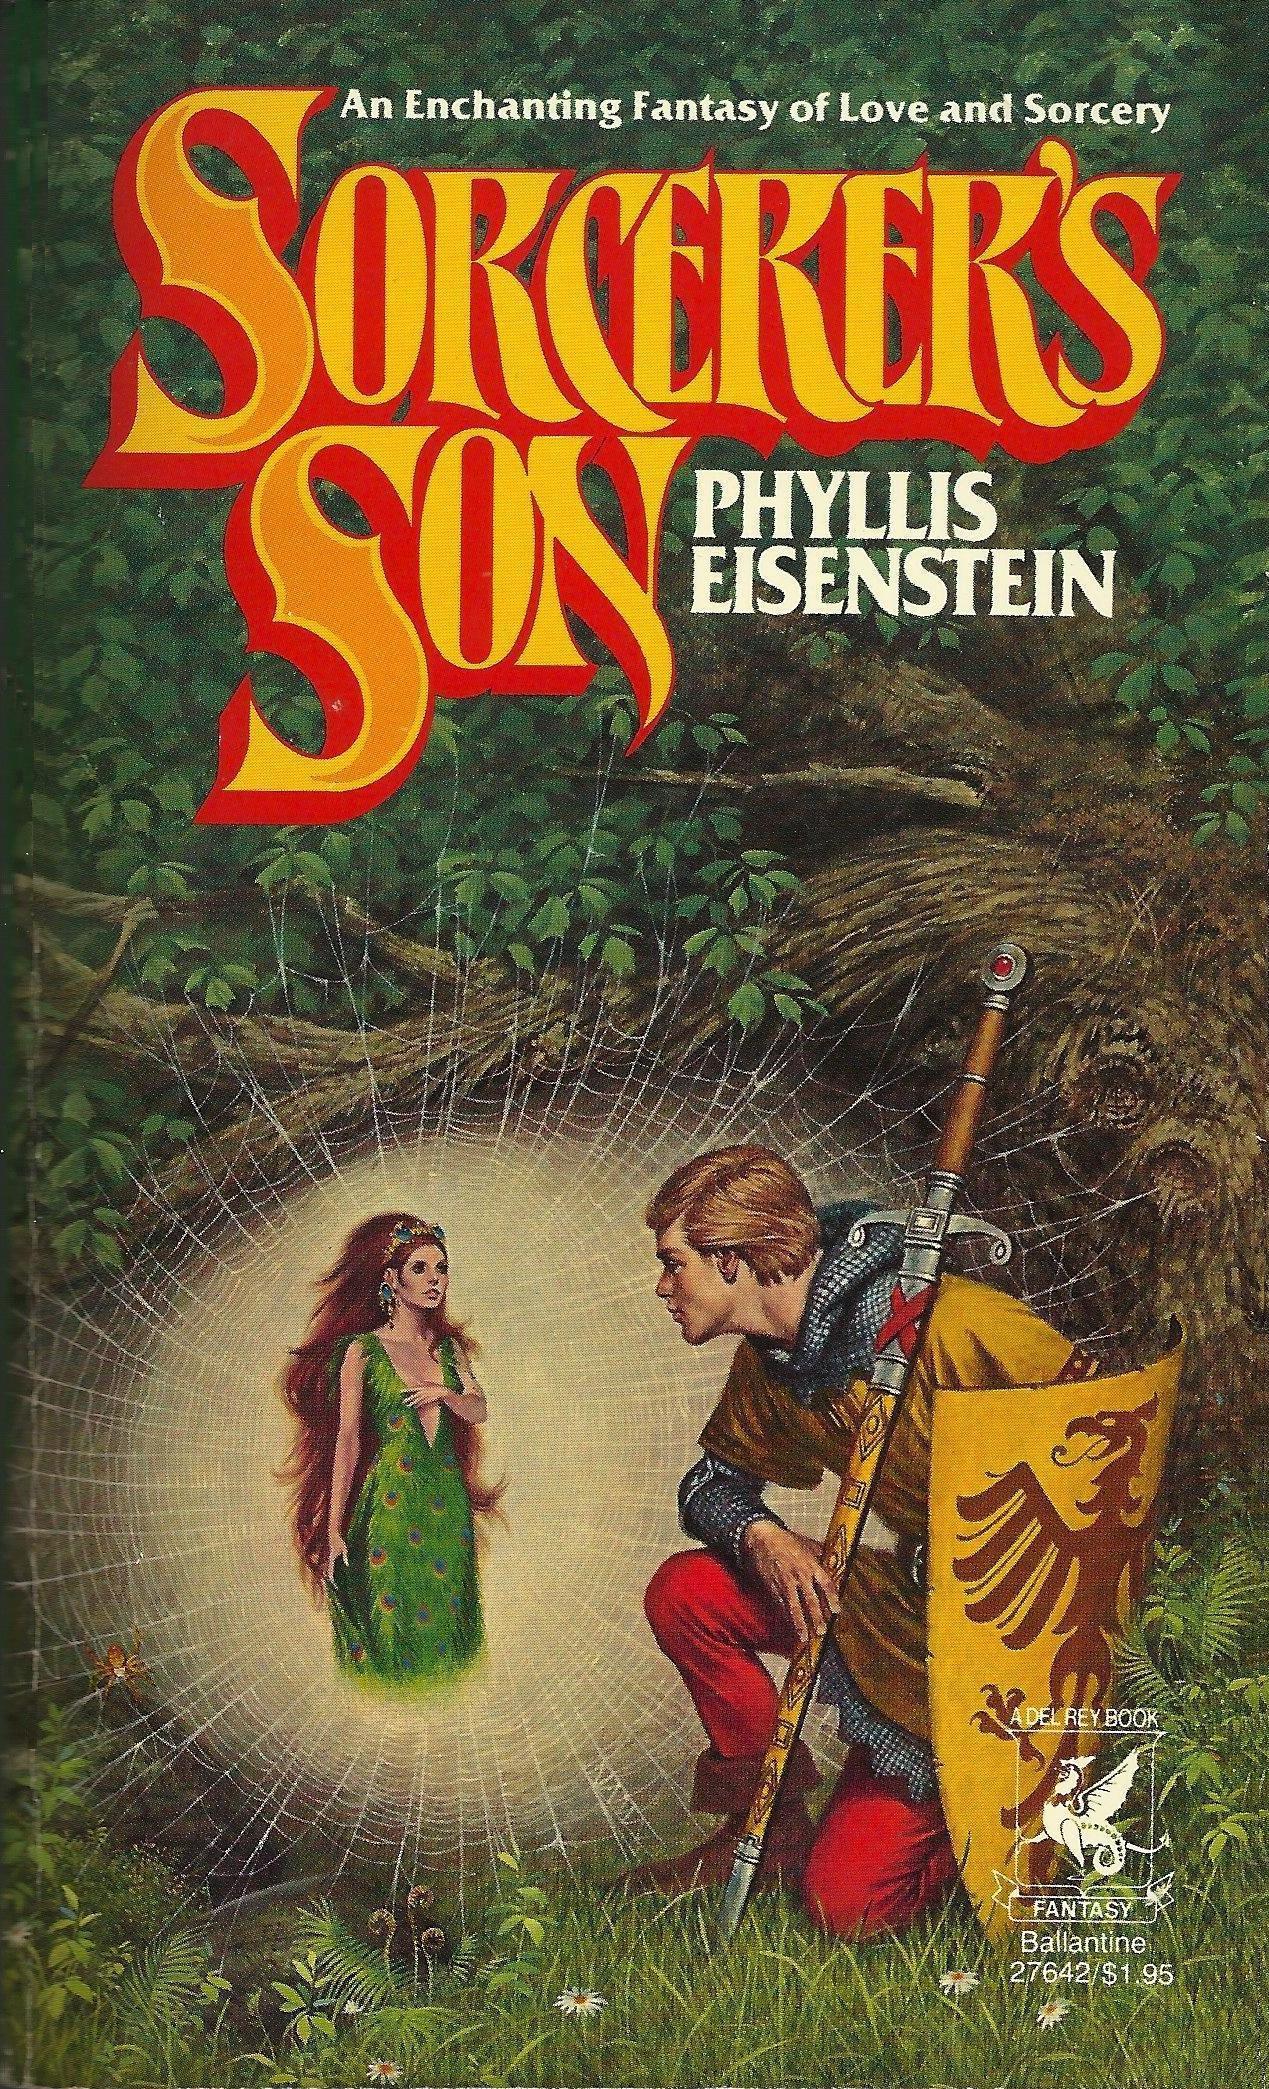 Phyllis Eisenstein : phyllis, eisenstein, Vintage, Treasures:, Sorcerer's, Phyllis, Eisenstein, Black